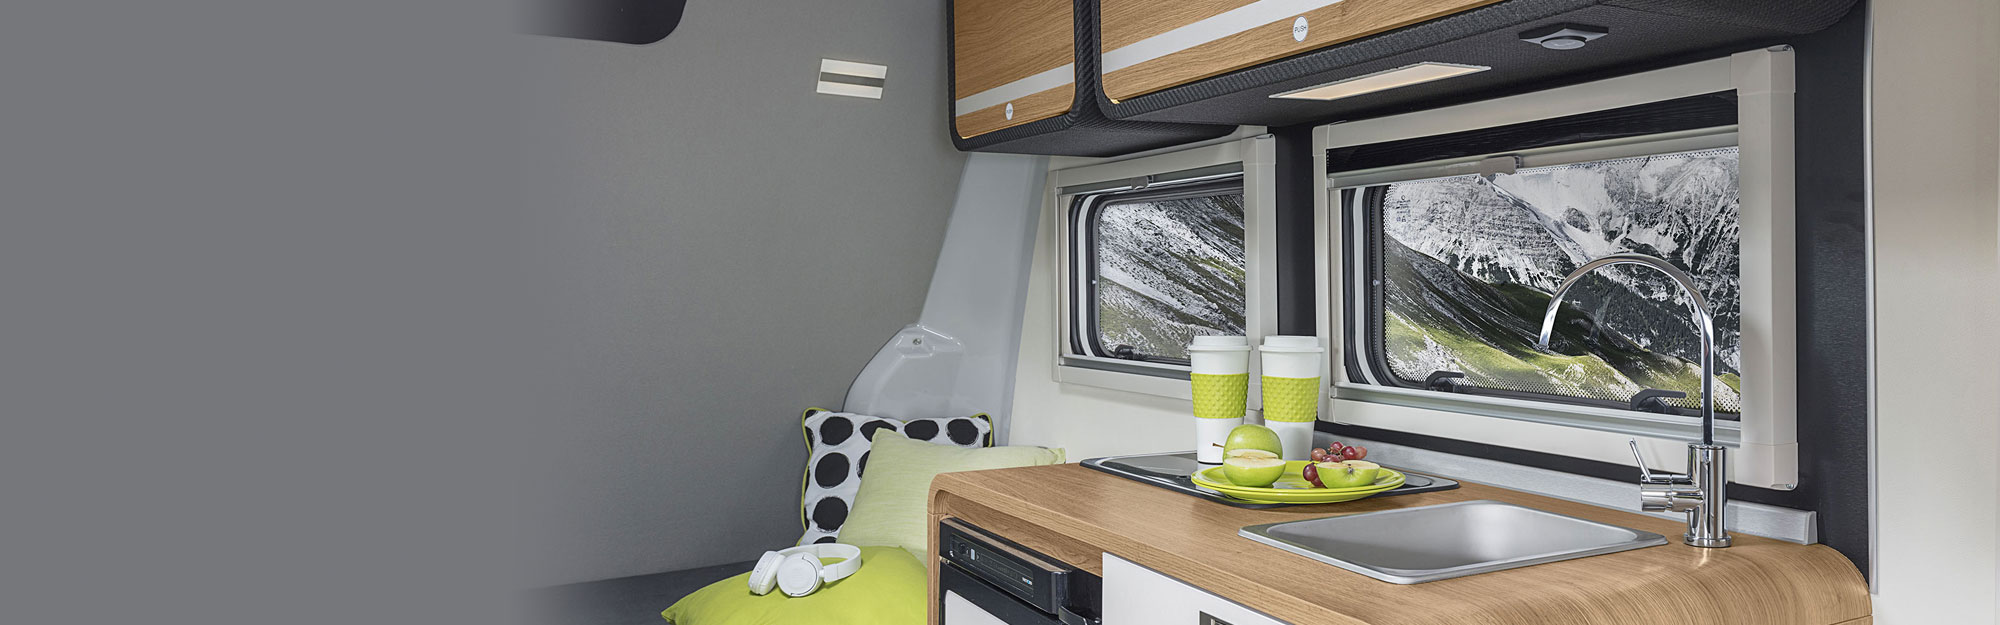 Cocina completa en el interior y armarios de madera modernos